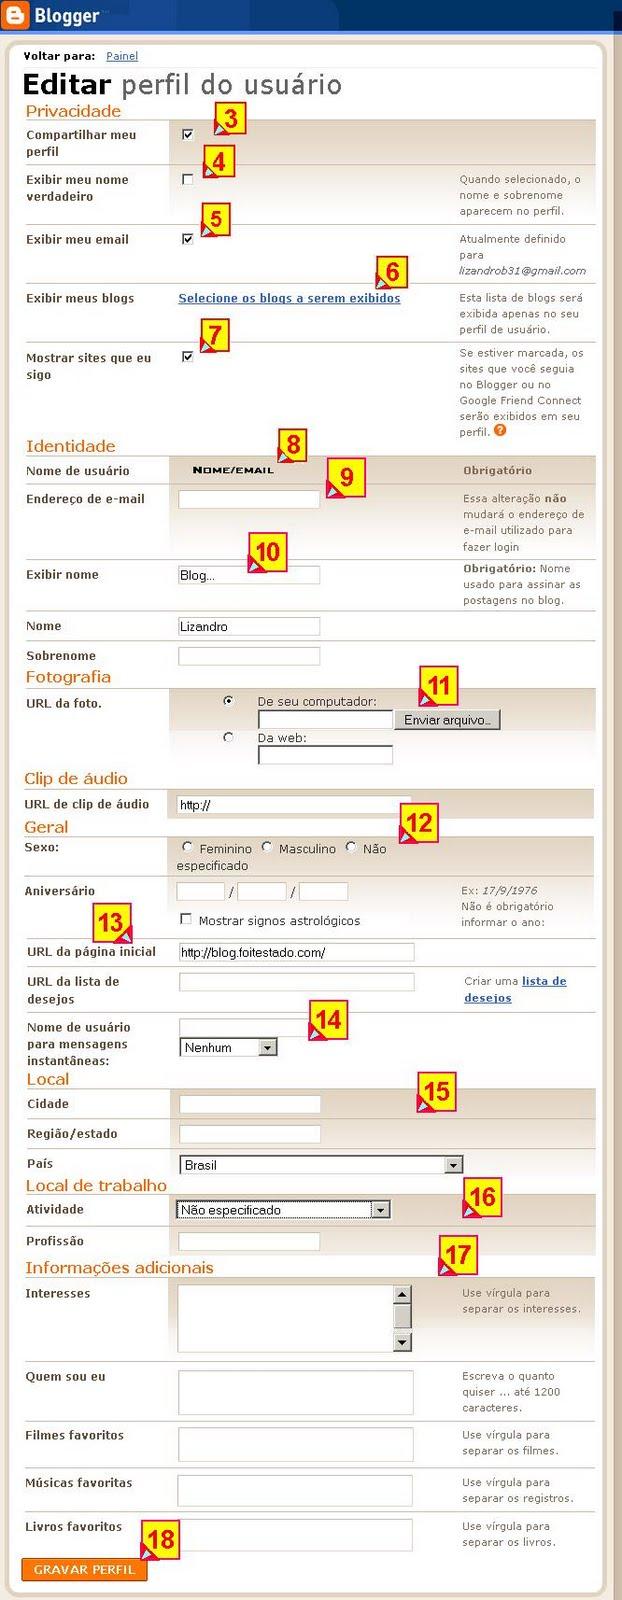 Como editar o seu perfil de usuario no blogger,(quem eu sou)